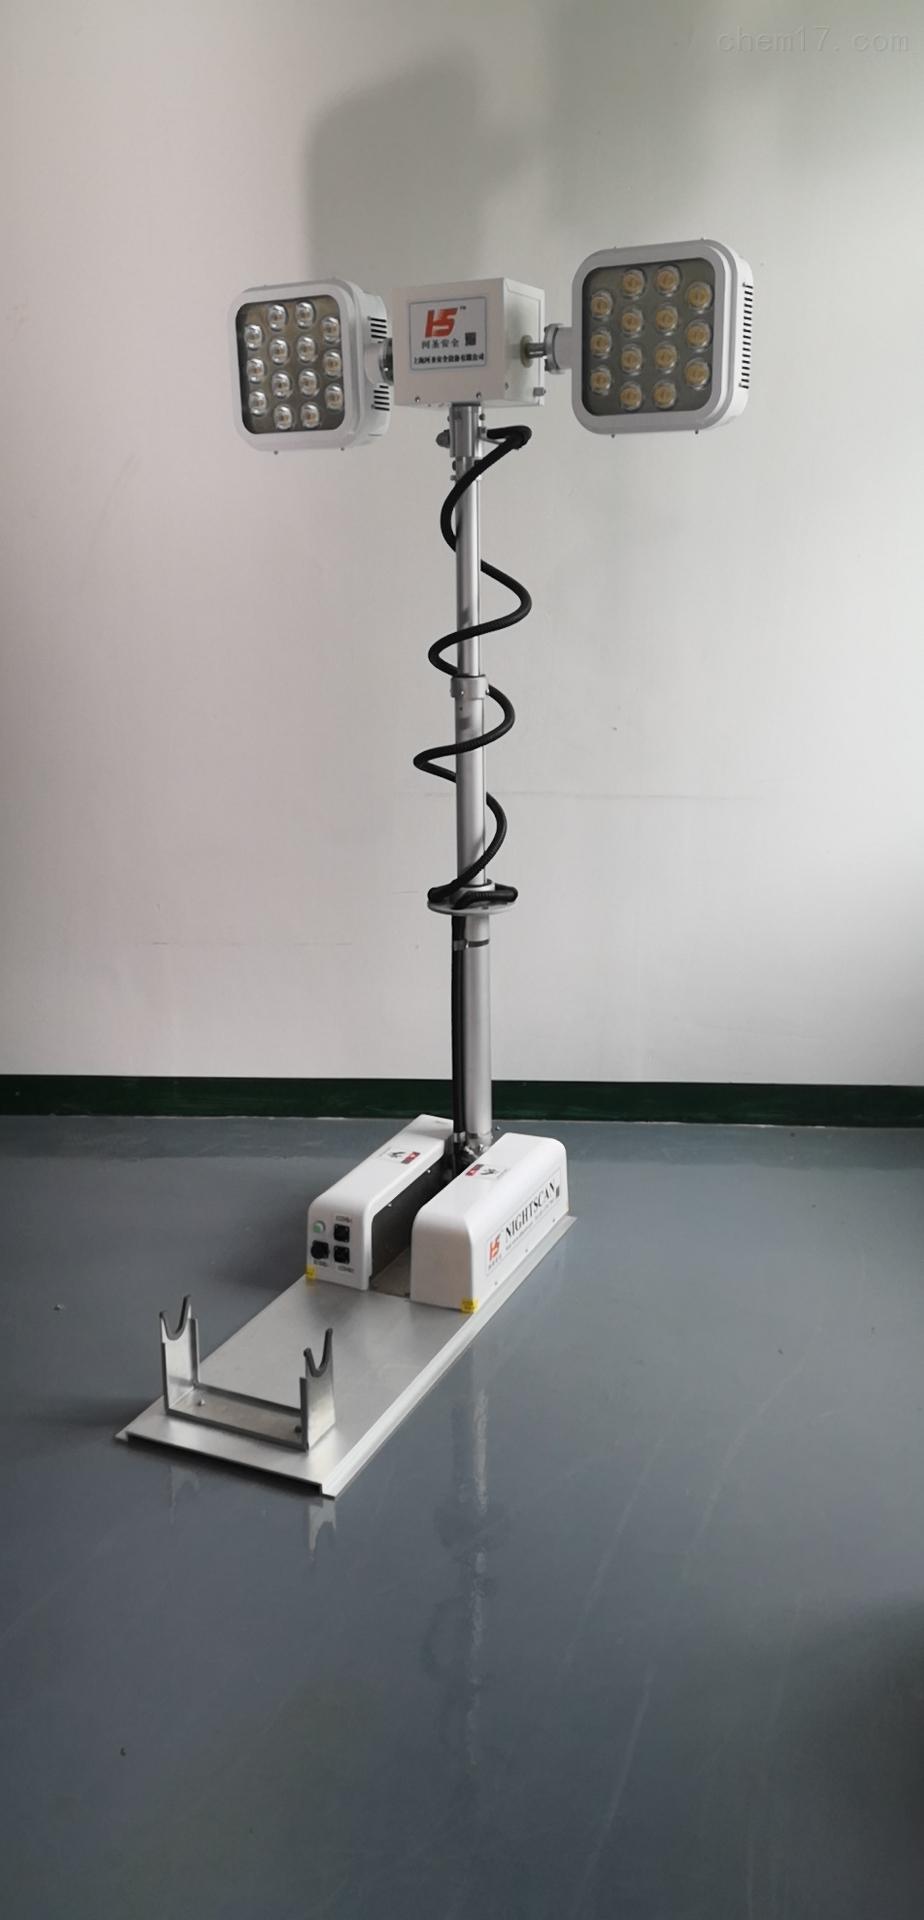 伏杆升降照明灯户外应急汽车曲臂车载照明设备